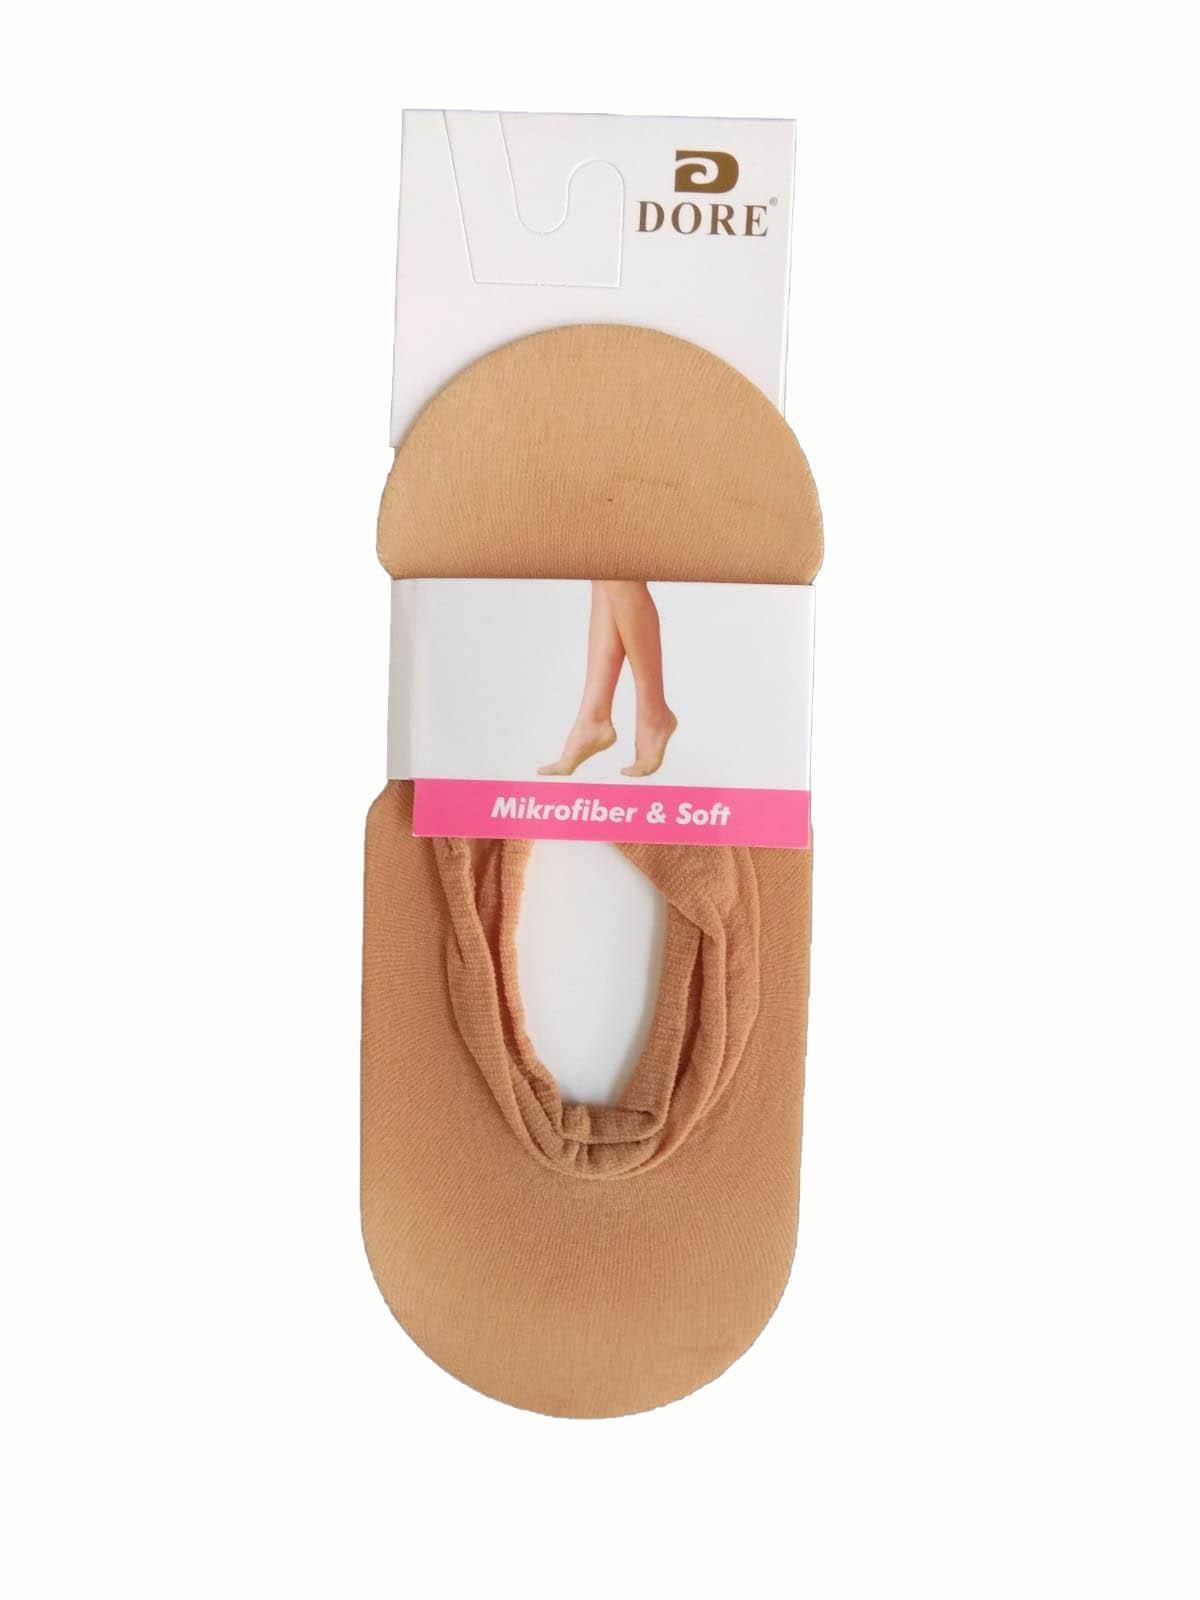 Dore Bayan Babet Çorabı İnce Babet Çorabı 2 Renk Seçeneği 1 Çift